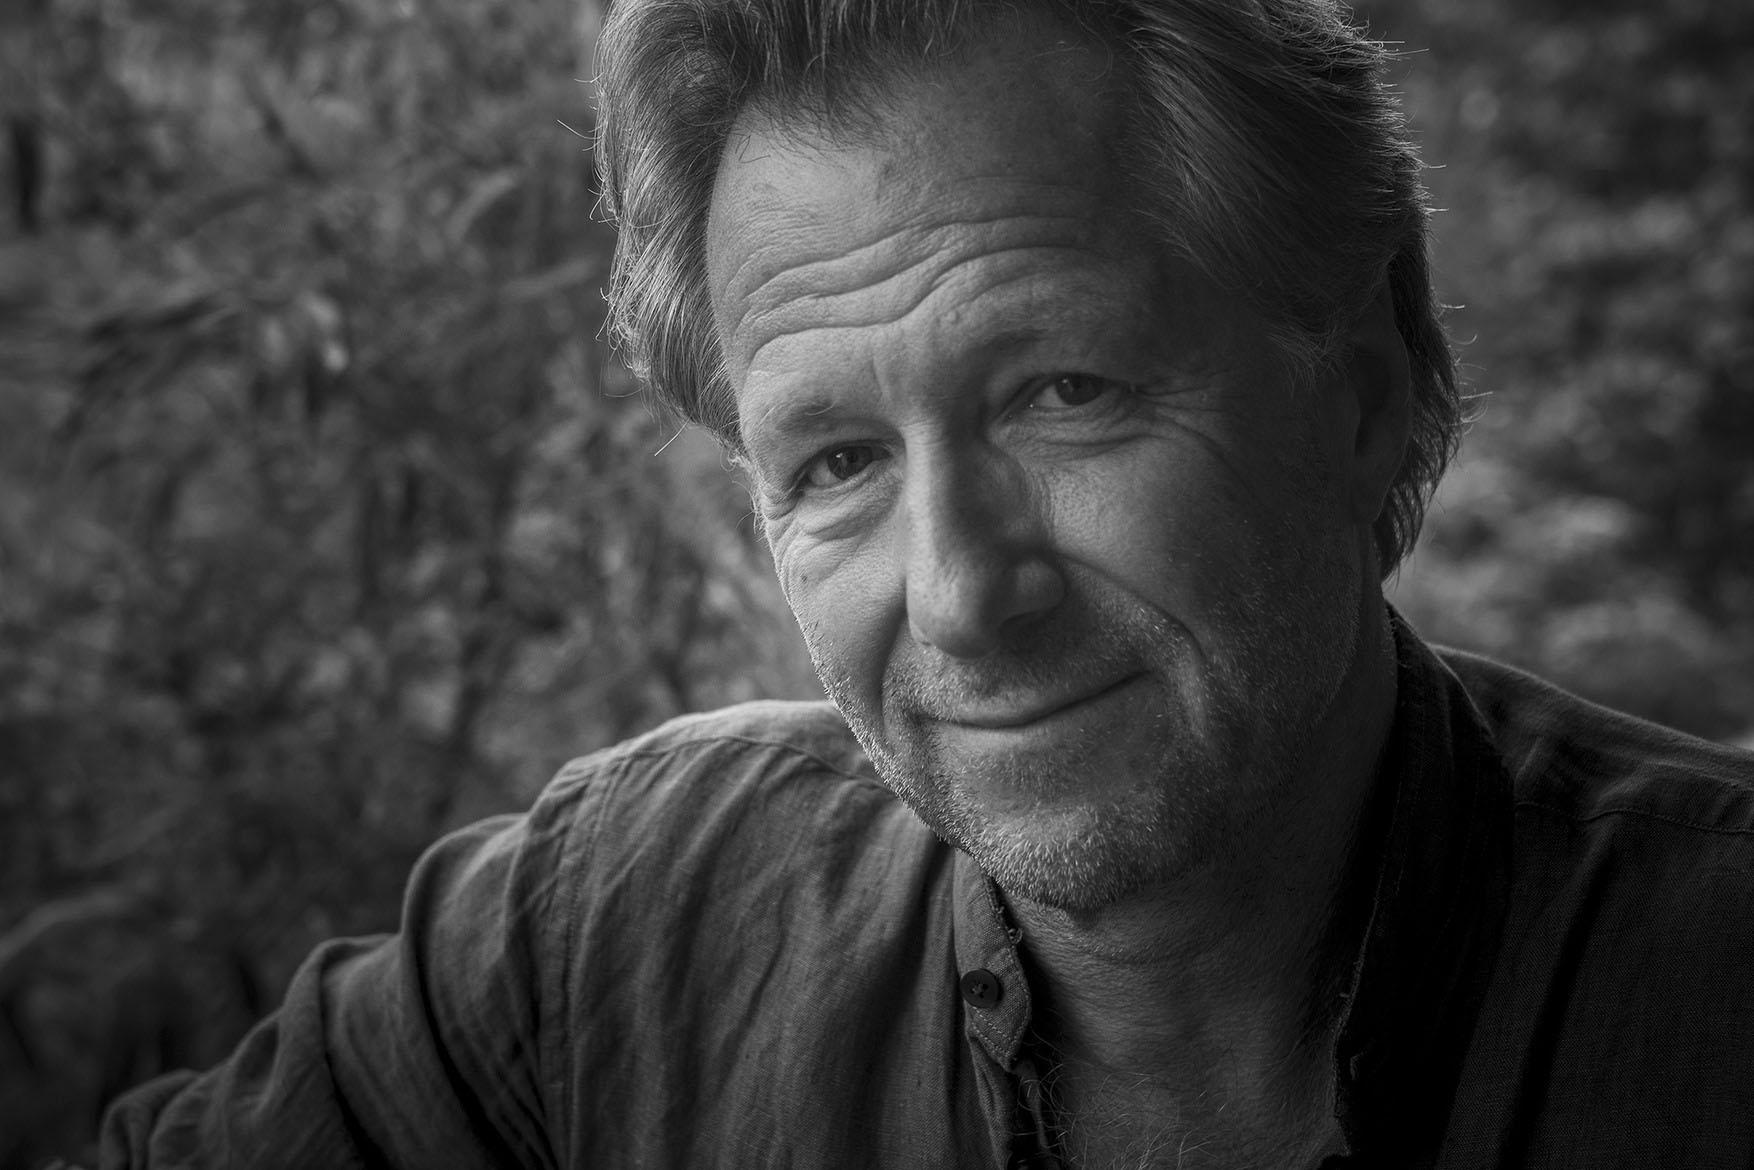 Fredrik Gertten, vinnare Kritikerpriset 2019. Foto: Janice D'Avila och Gerhard Jörén.